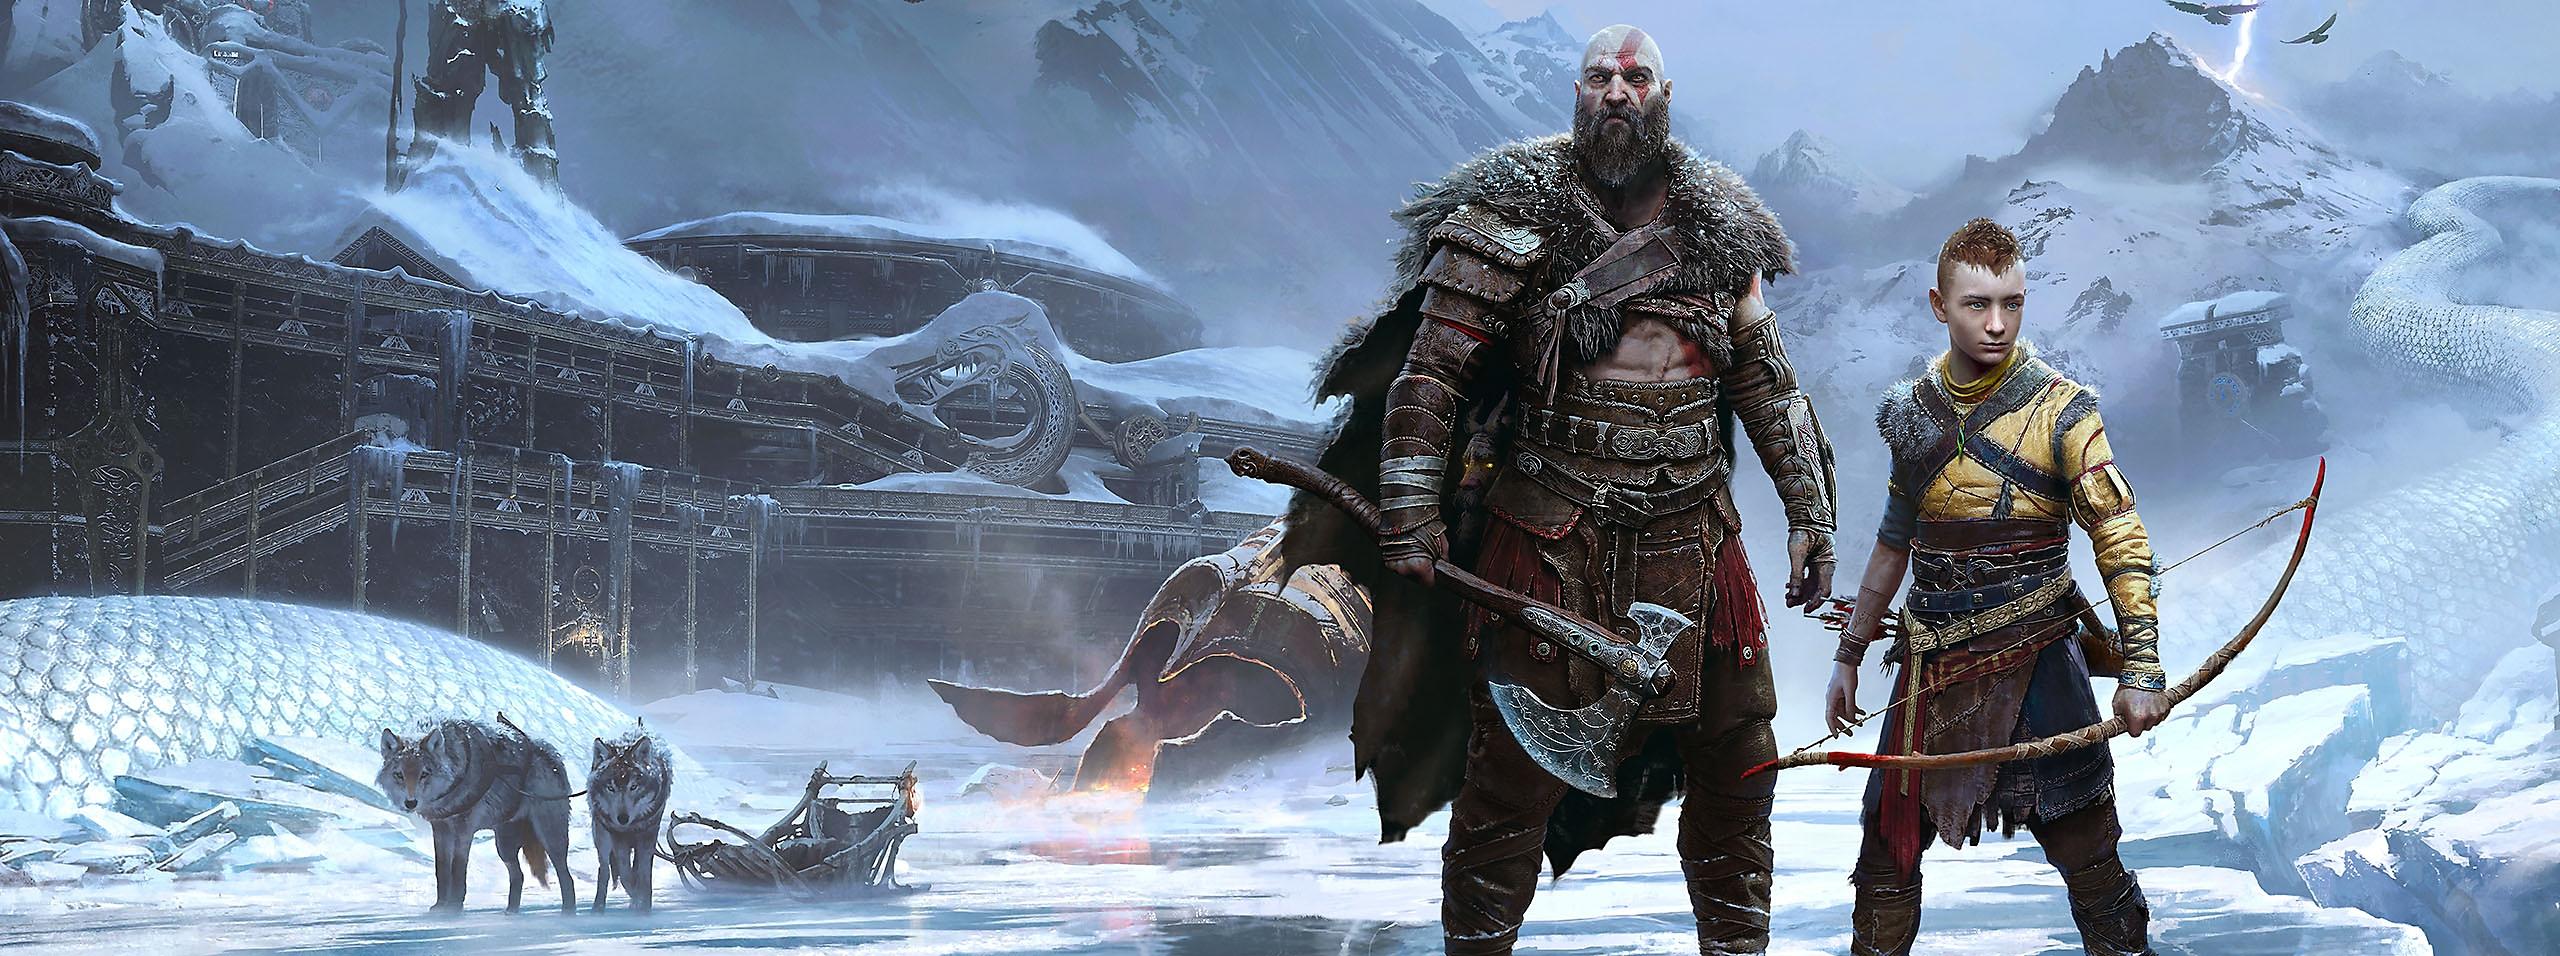 God of War Ragnarok - Key Art